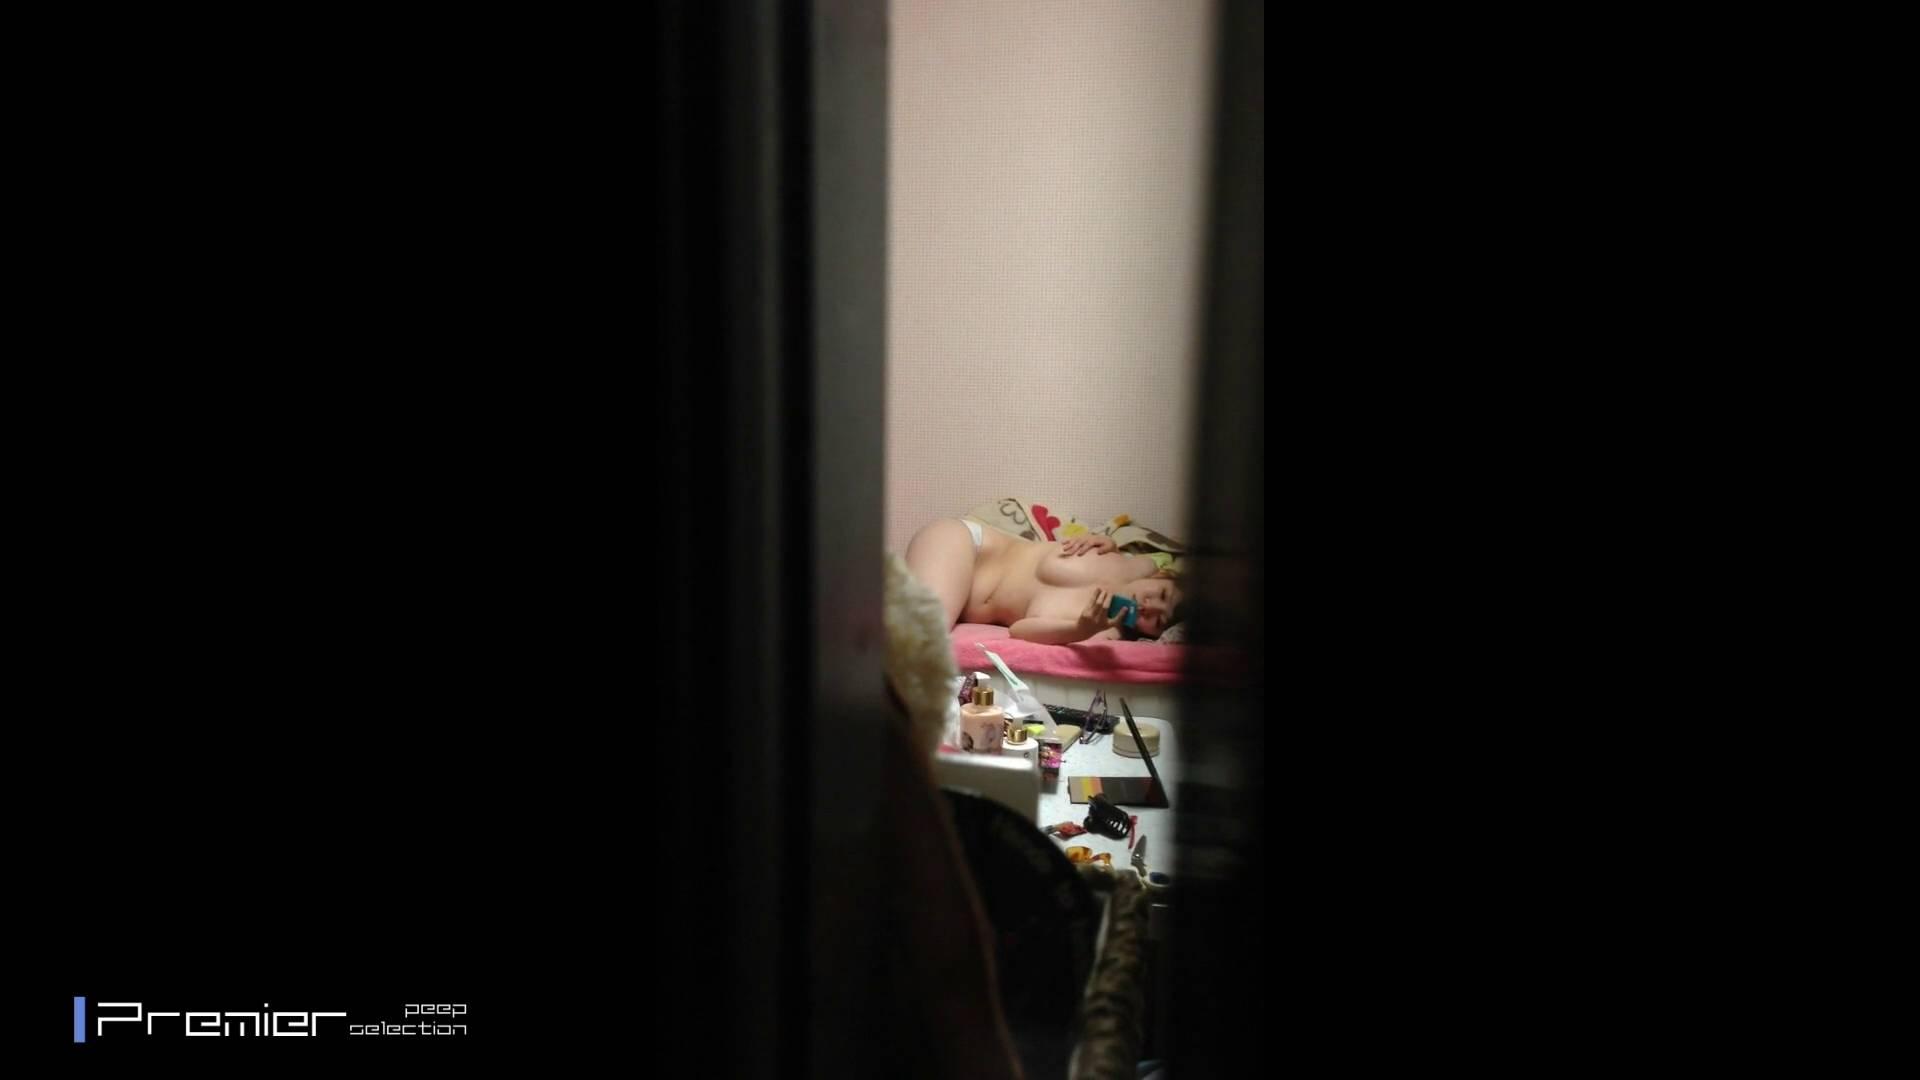 吉祥寺の美容師 エロい休日 美女達の私生活に潜入! 細身   桃色乳首  35画像 5